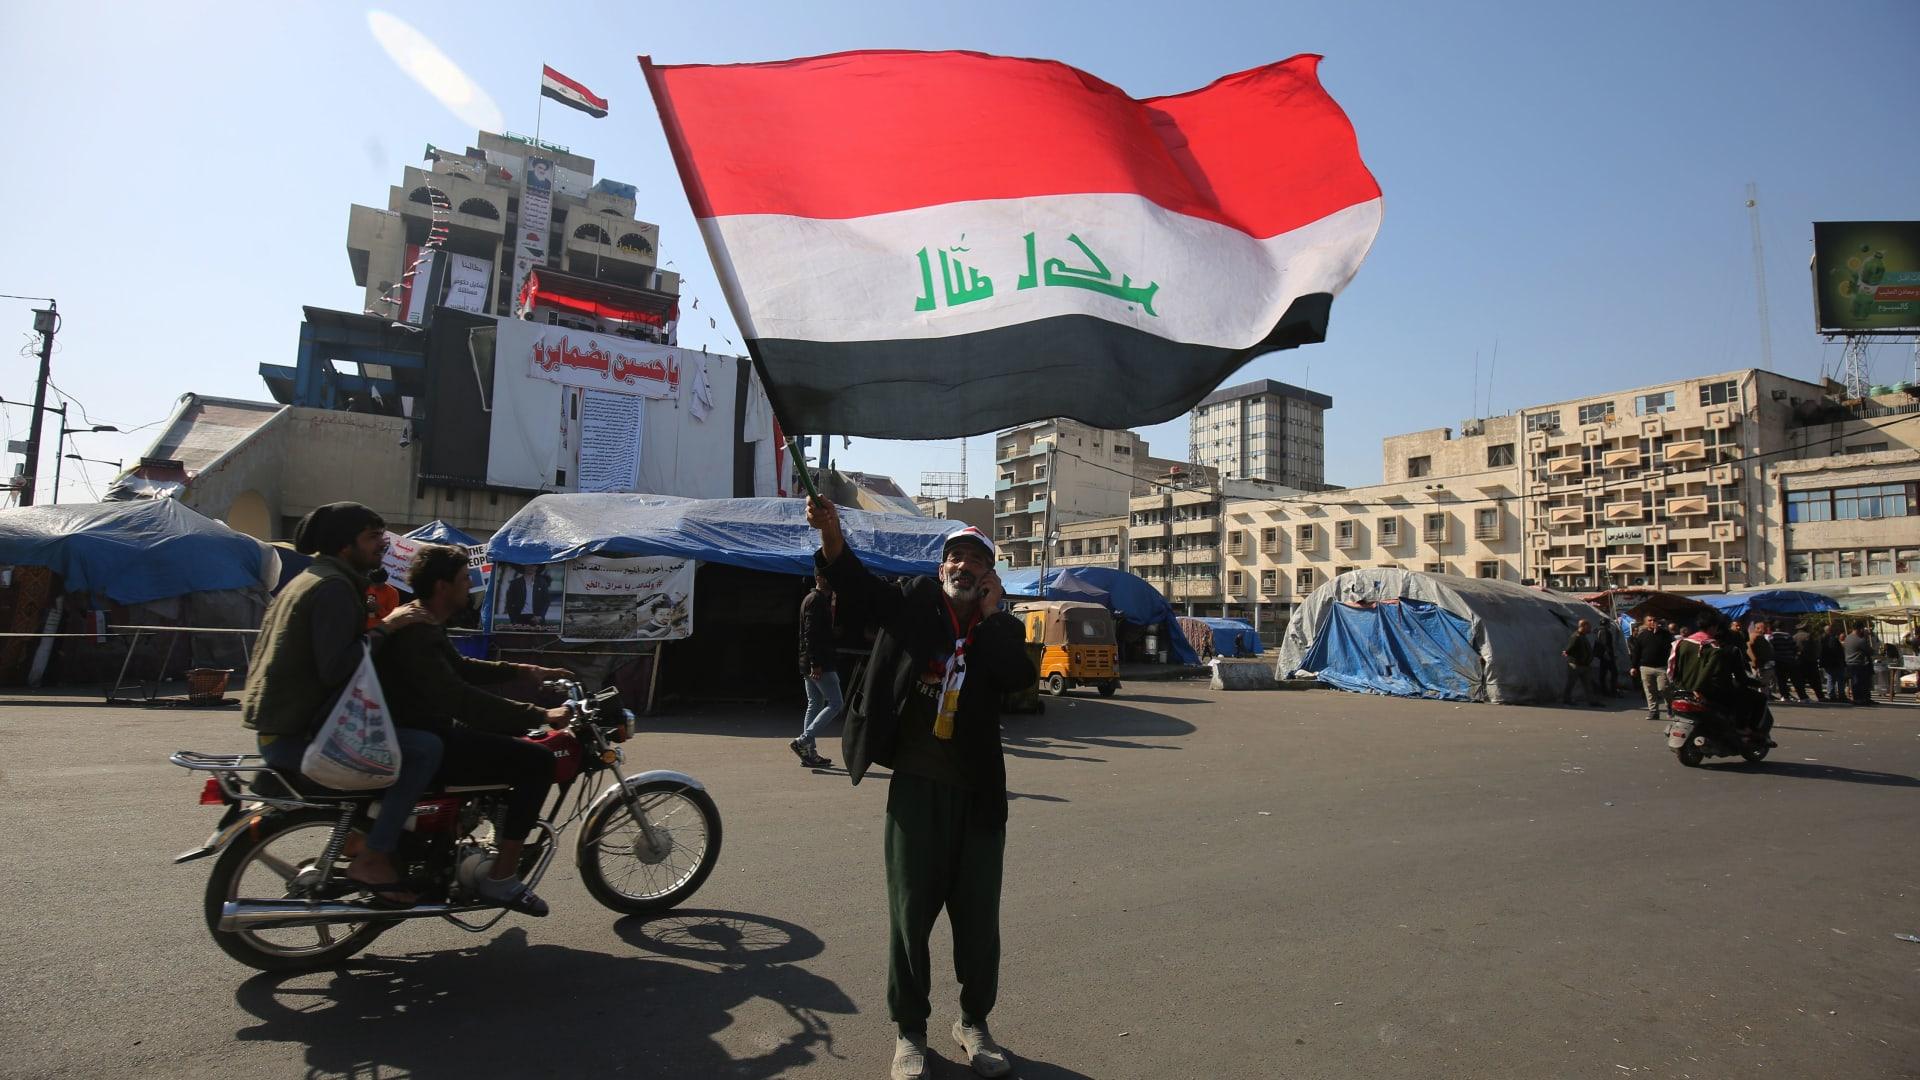 رصاص حي وغاز.. اشتباكات مستمرة بين المحتجين والأمن بالعراق